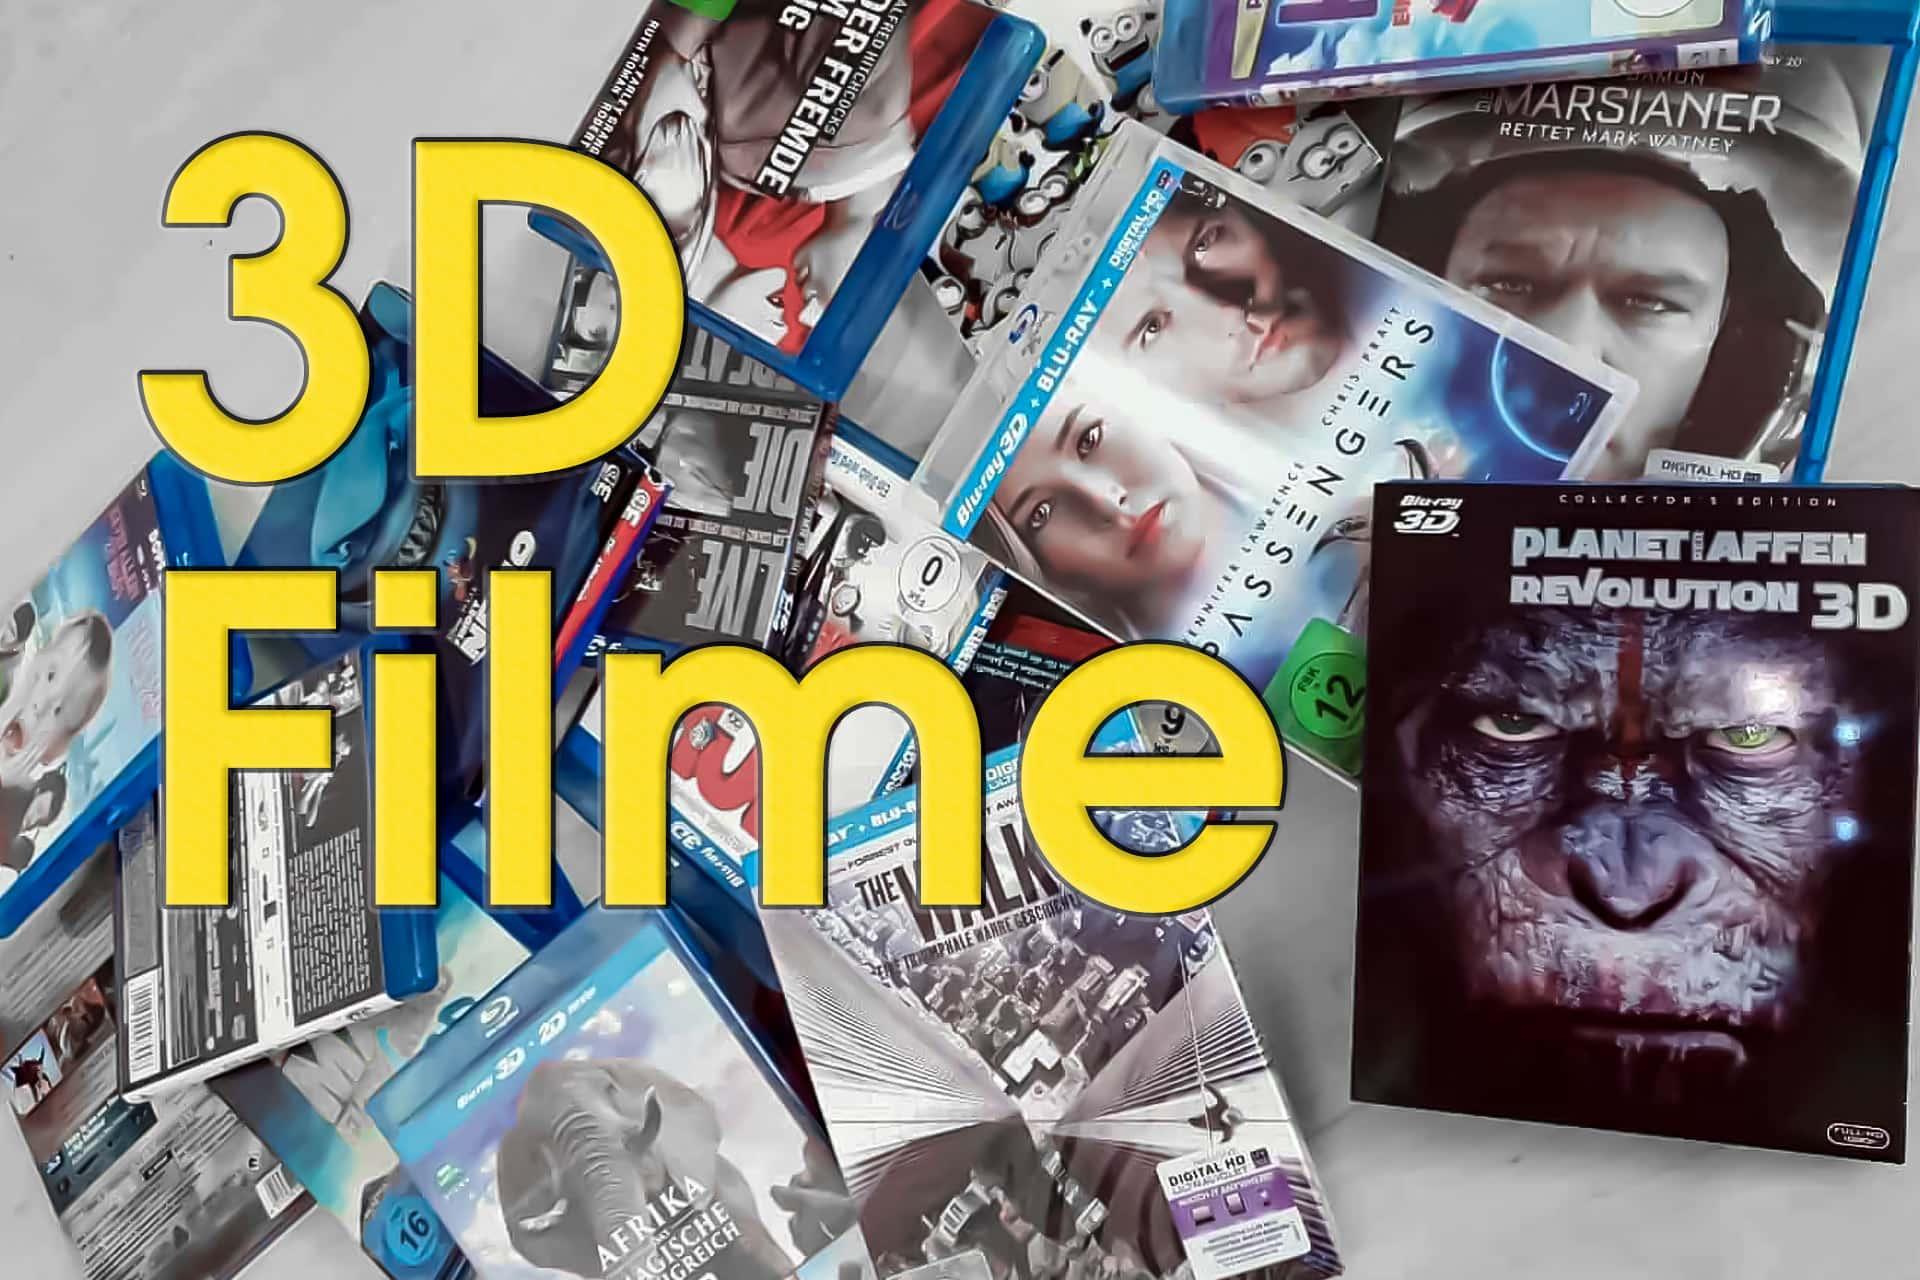 3d filme auf bluray